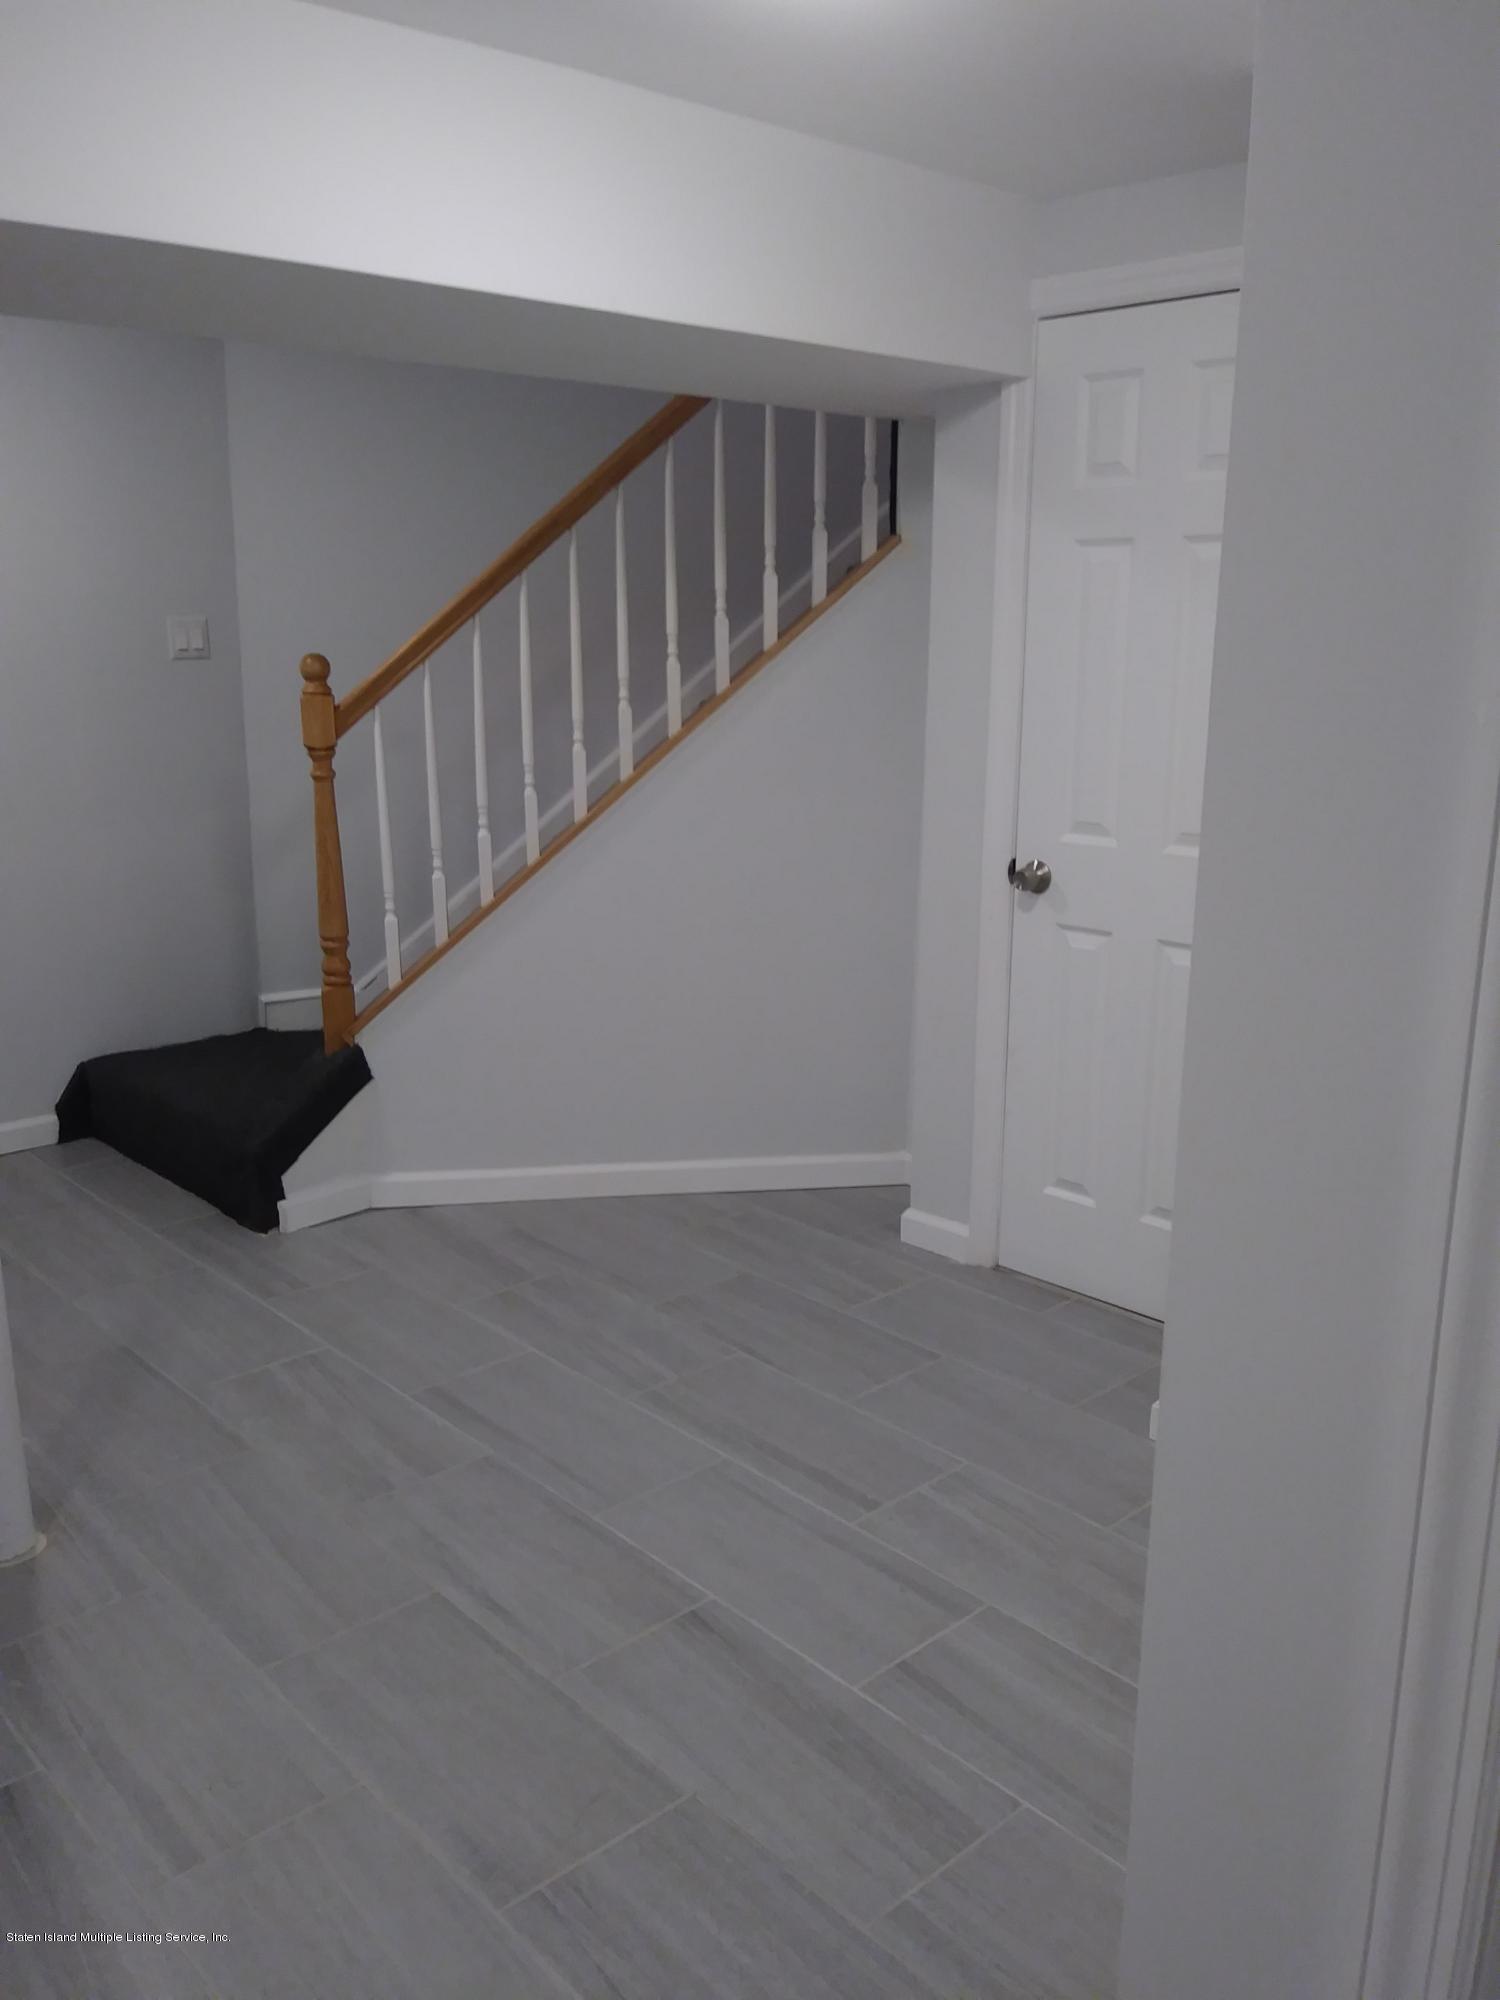 Single Family - Attached 8 Penton Street  Staten Island, NY 10309, MLS-1125381-16